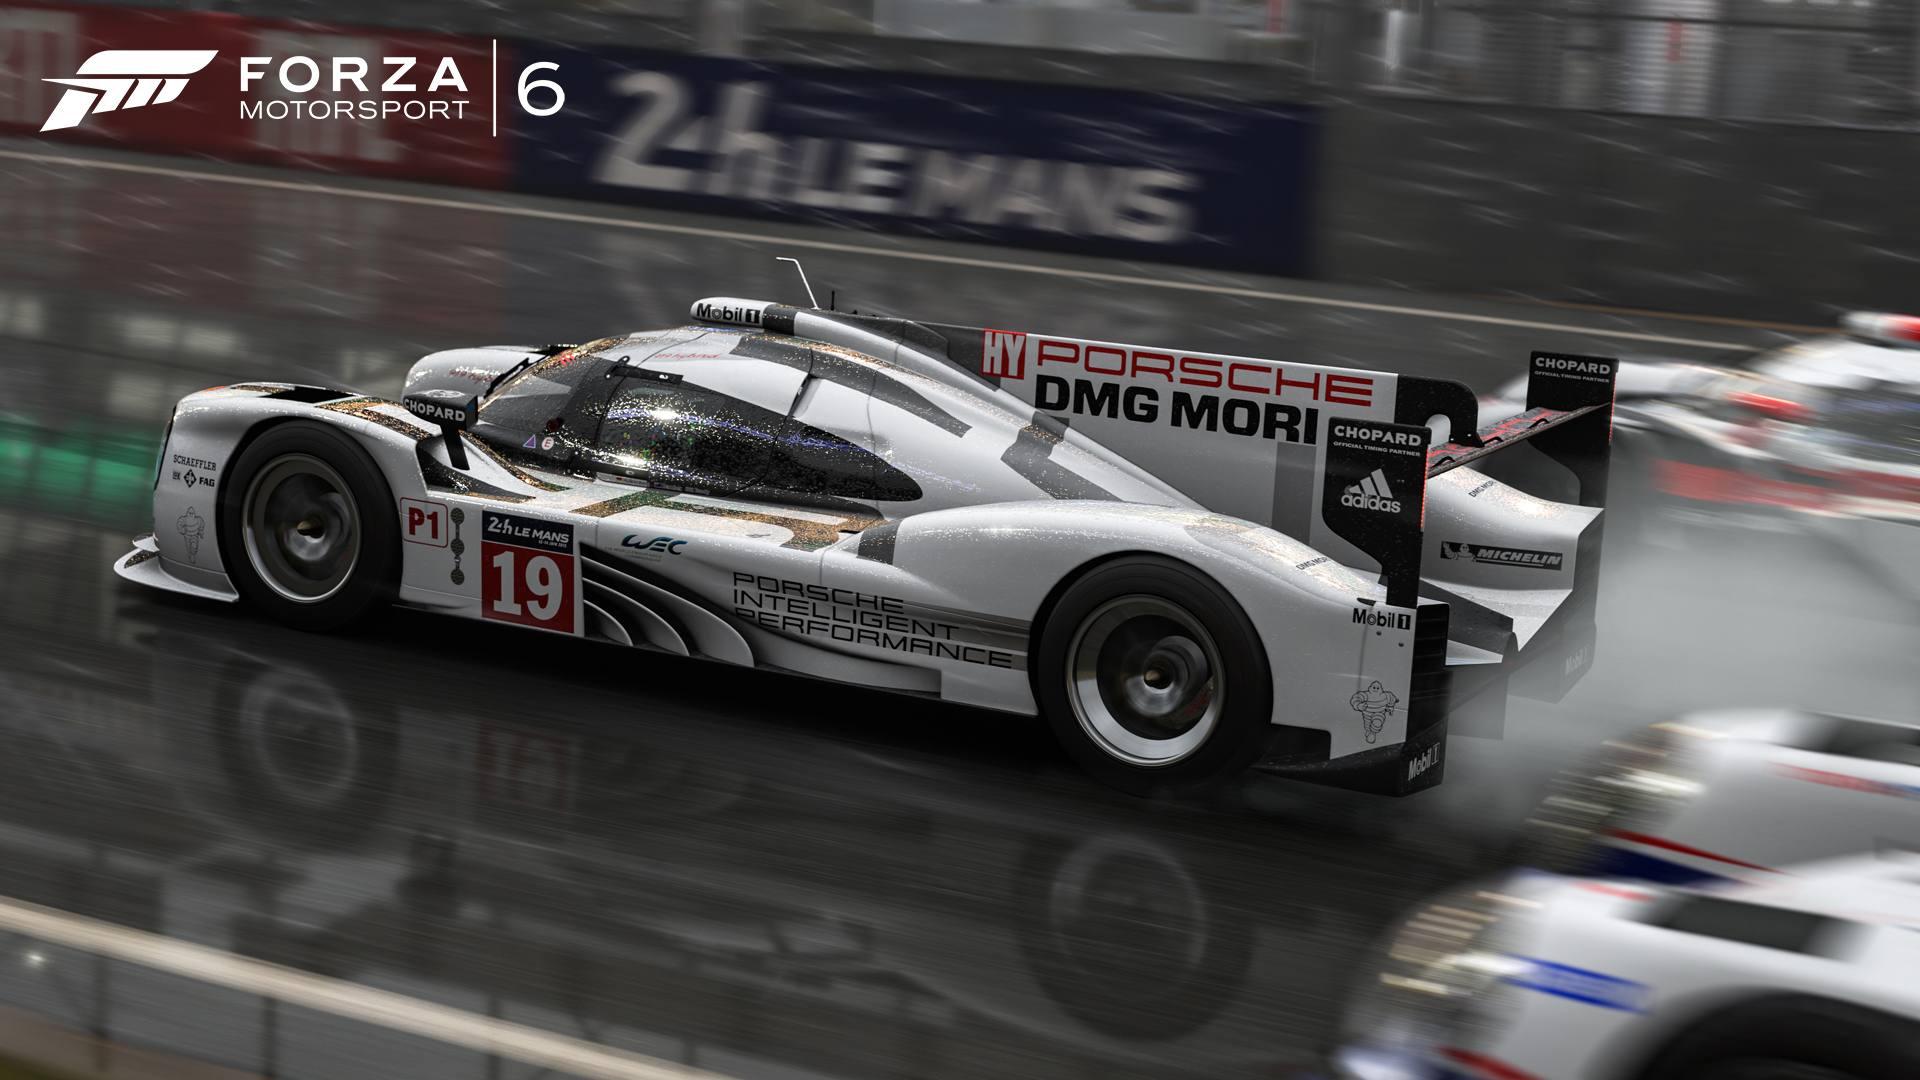 Forza Motorsport 6 01-03-16 2015 Porsche #19 Porsche Team 919 Hybrid